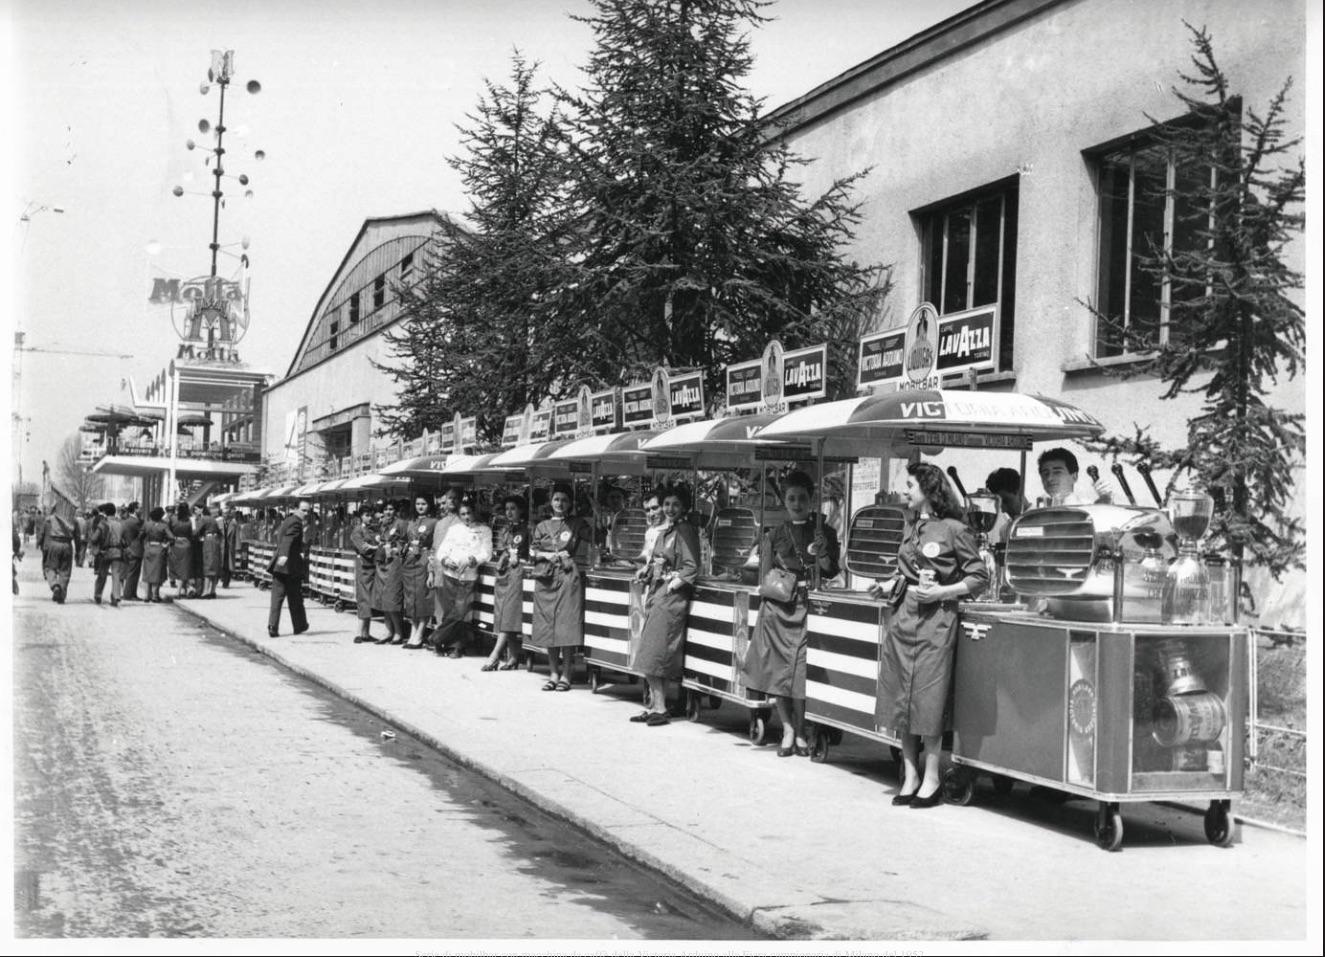 mobilbar_1952.jpg